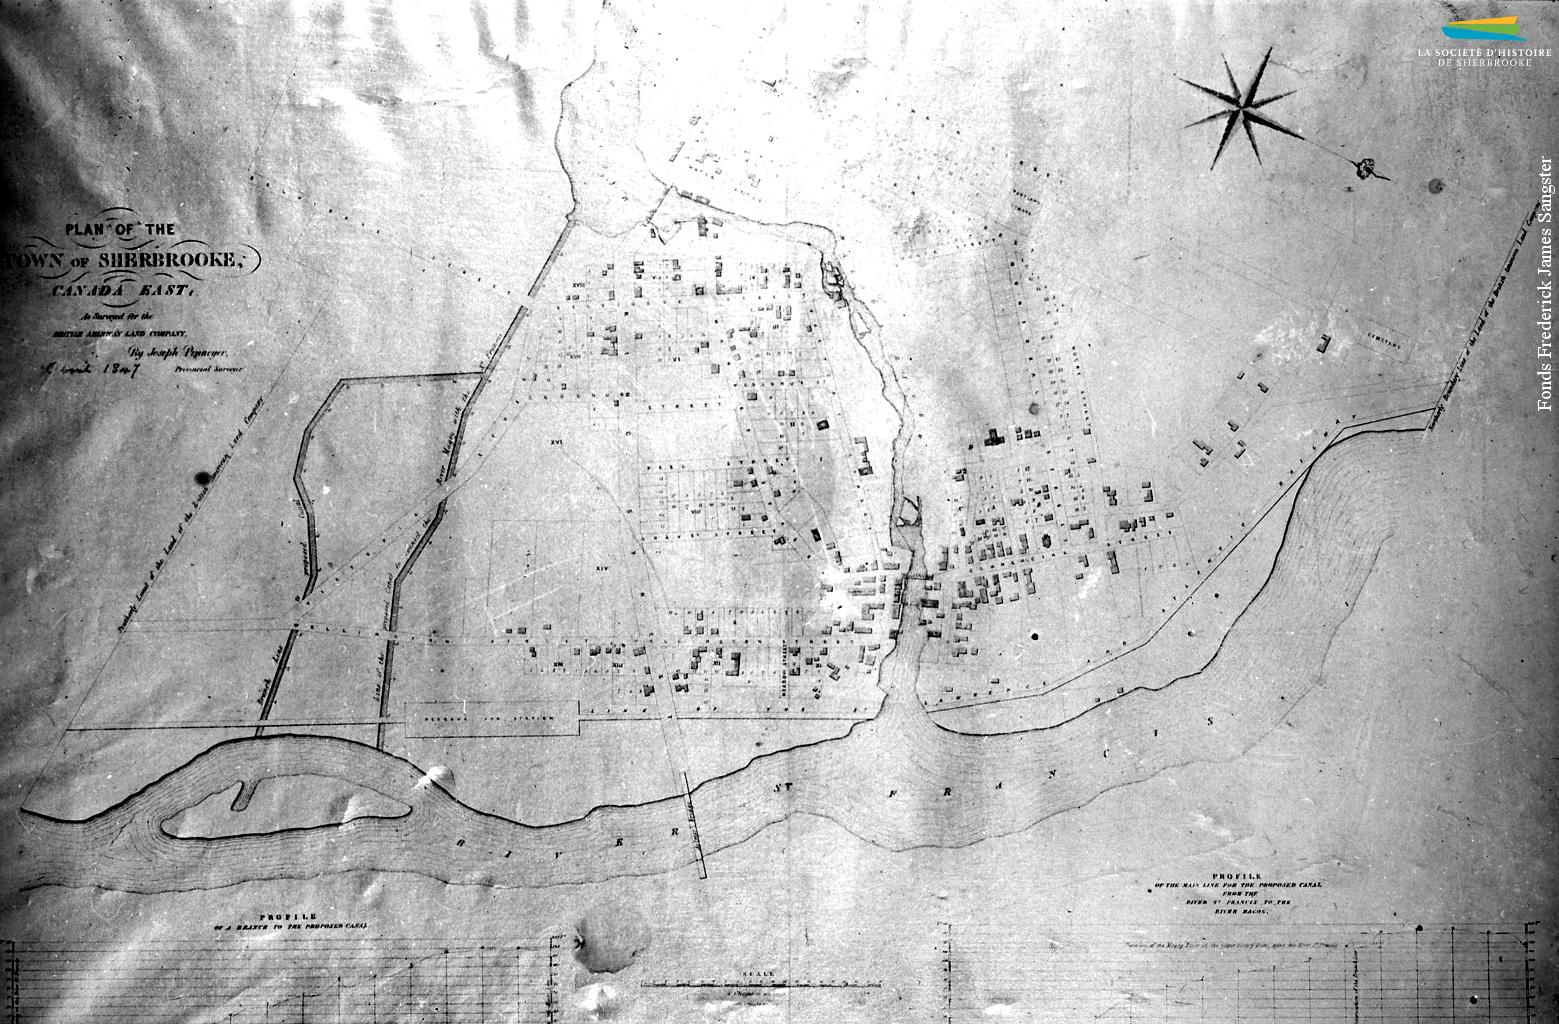 Un plan de Sherbrooke réalisé en 1847 pour la British American Land Company (BALCo). On y voit le tracé d'un canal que projette de creuser la BALCo entre le Lac des Nations (en haut de la photo) et la rivière Saint-François (en bas), vis-à-vis ce qui est aujourd'hui la rue Galt. Ce projet, abandonné quelques années plus tard, aurait permis à Sherbrooke d'accueillir davantage d'usines si jamais les rives de la rivière Magog en venaient à ne plus pouvoir en accueillir.